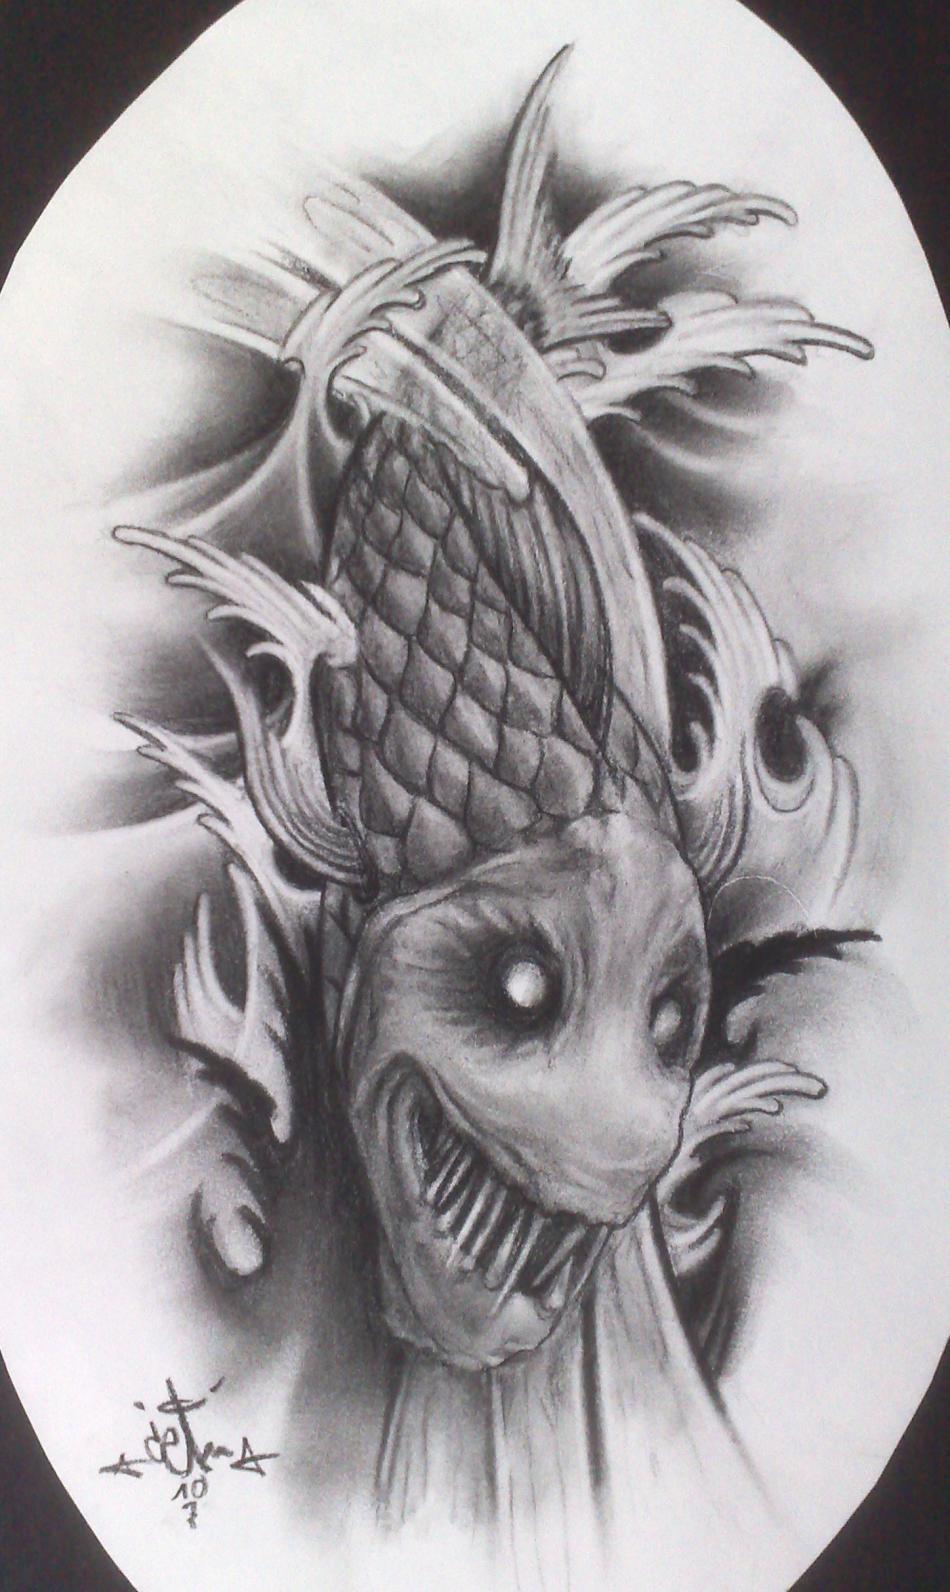 Kunstwerk EVIL KOI von ceam